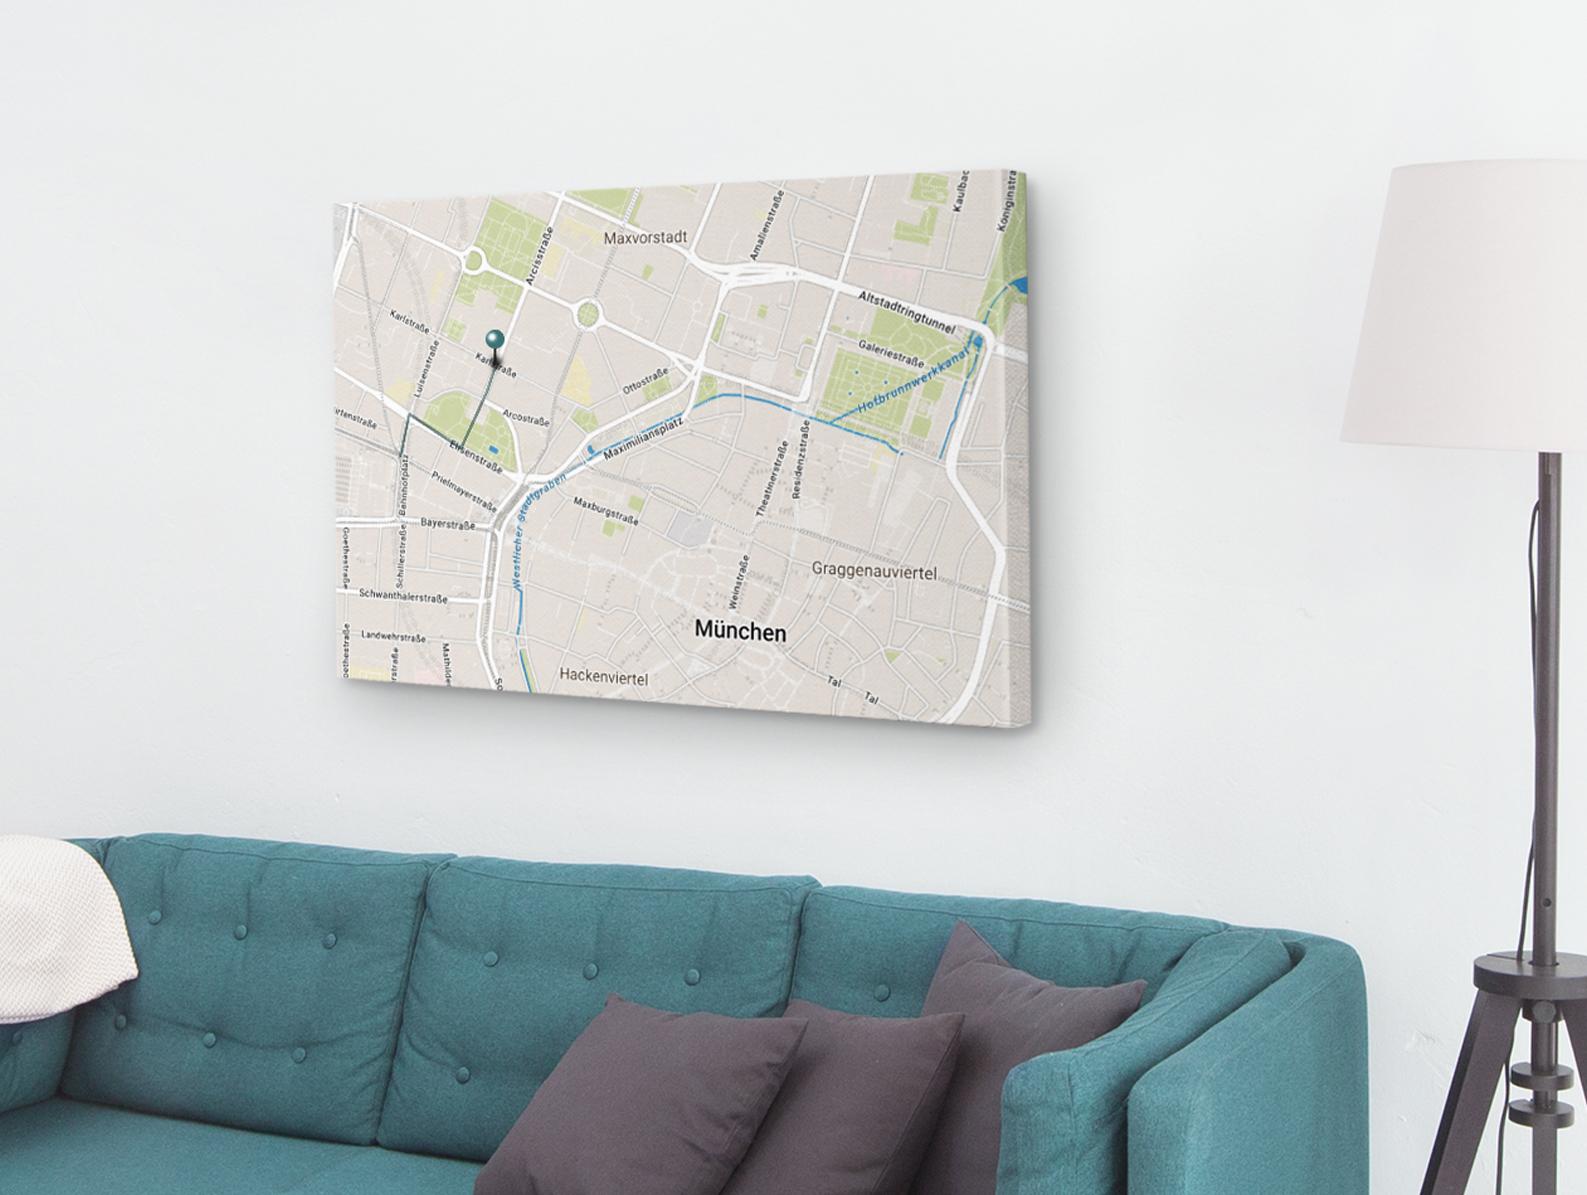 wohnzimmer-landkarte-muenchen-gruene-couch-leinwand-perspektive